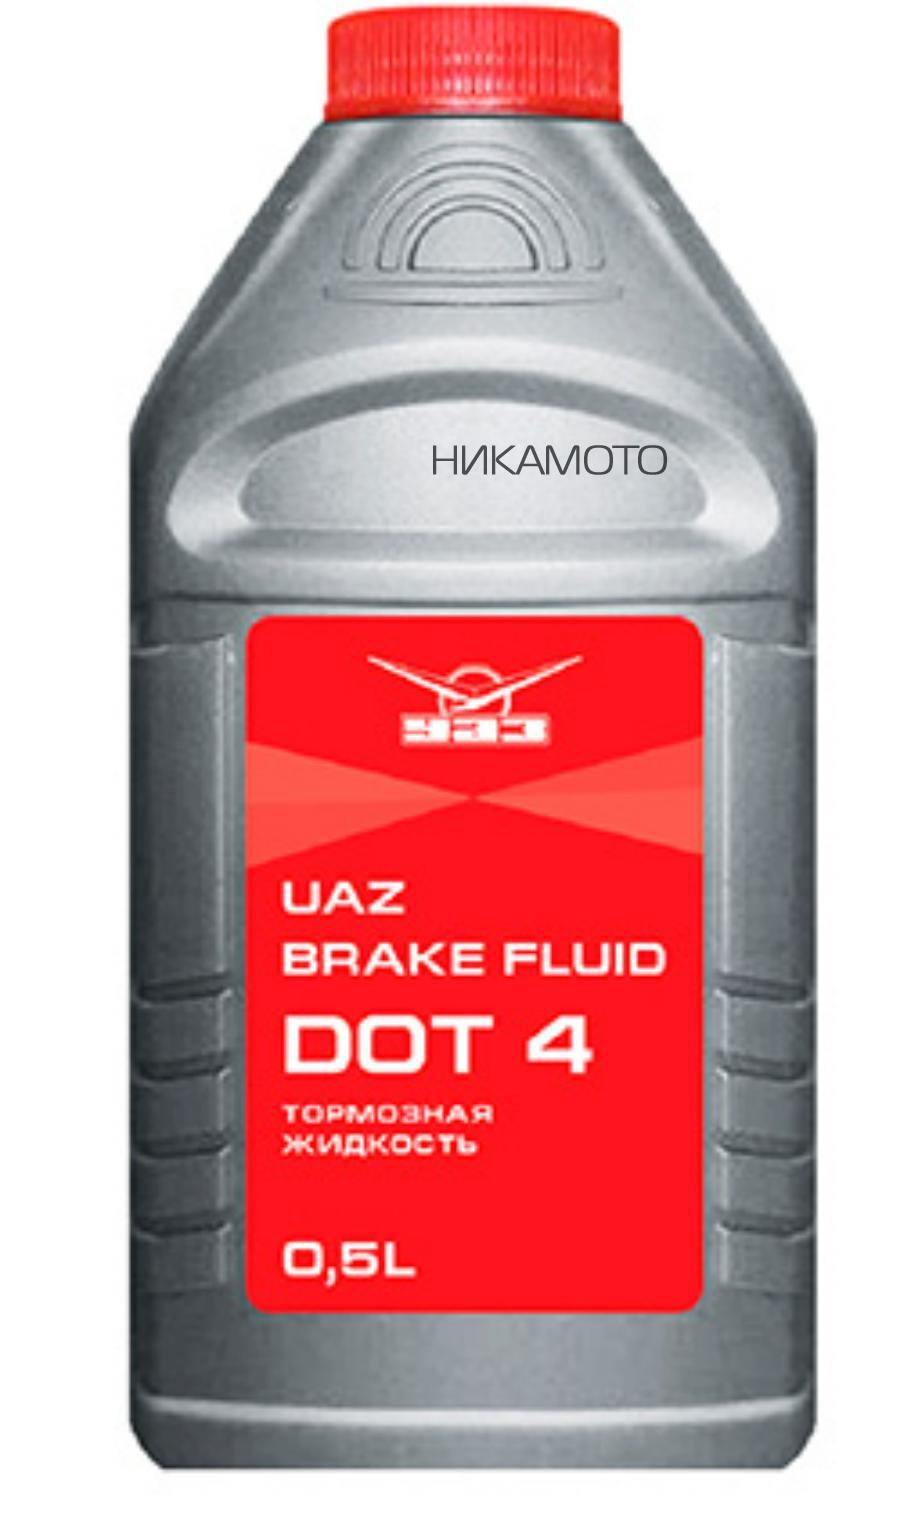 Тормозная жидкость UAZ DOT-4 0,5л.